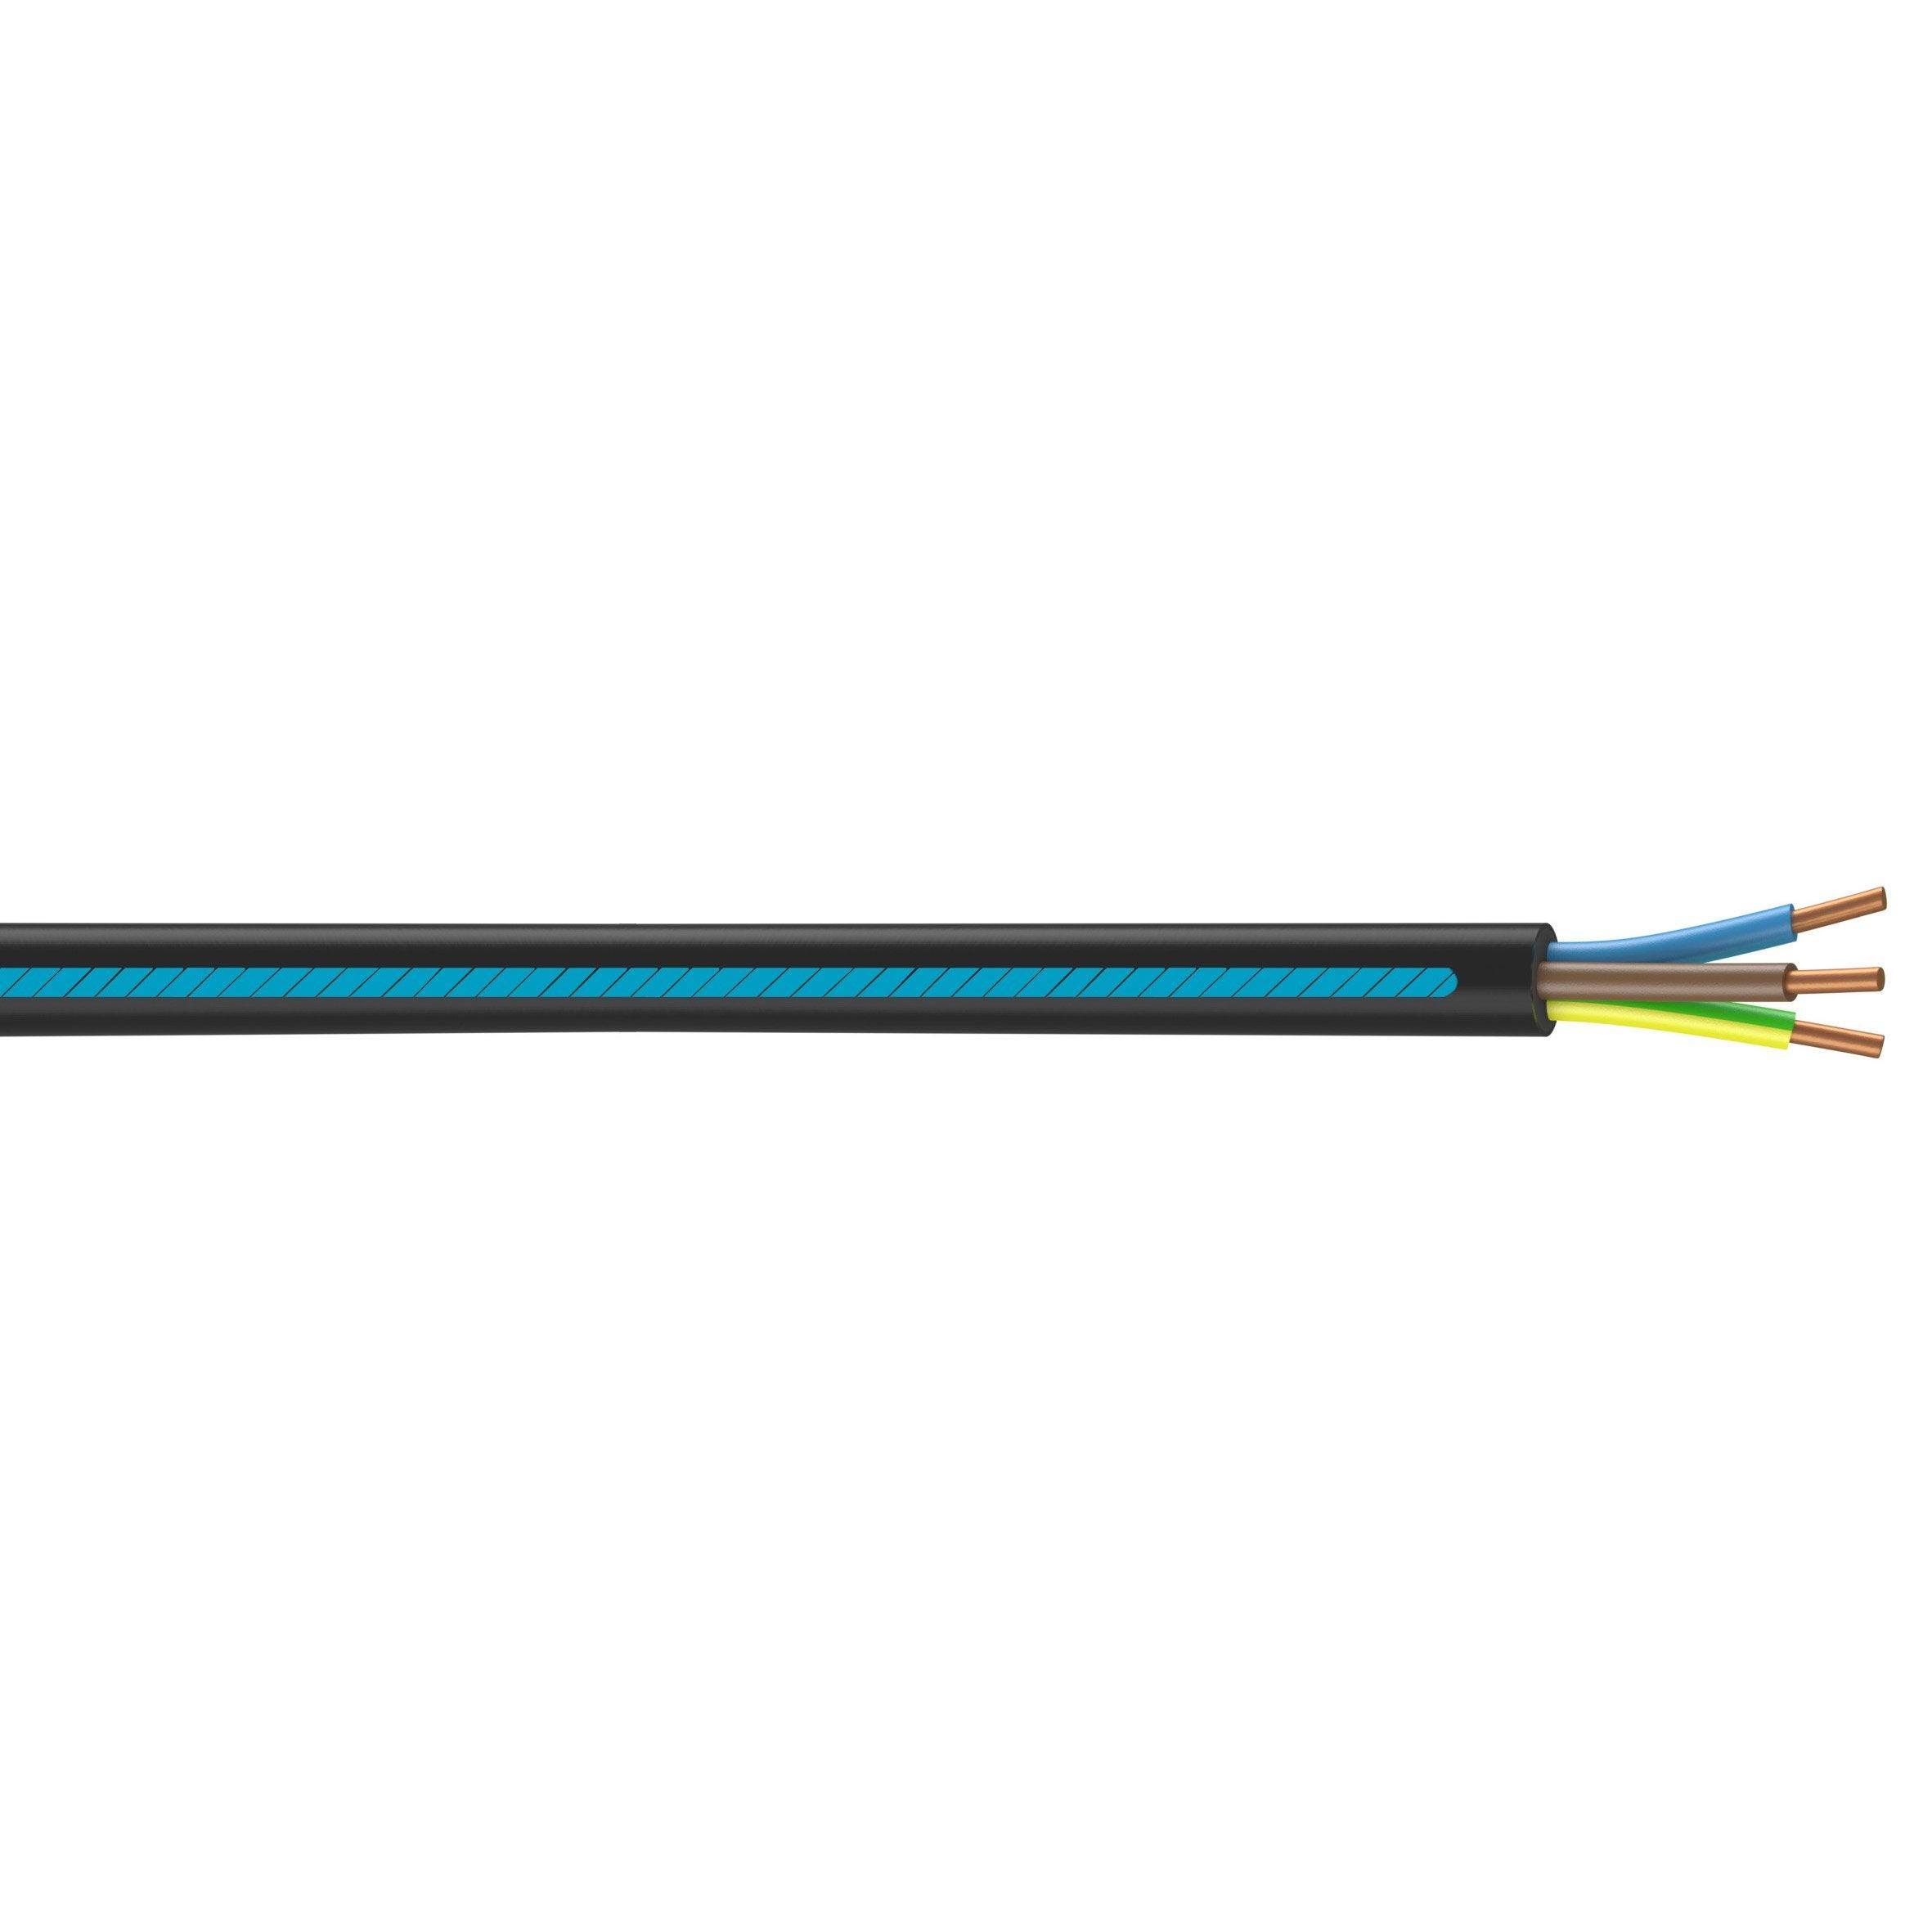 Cable Electrique 6mm2 Brico Depot